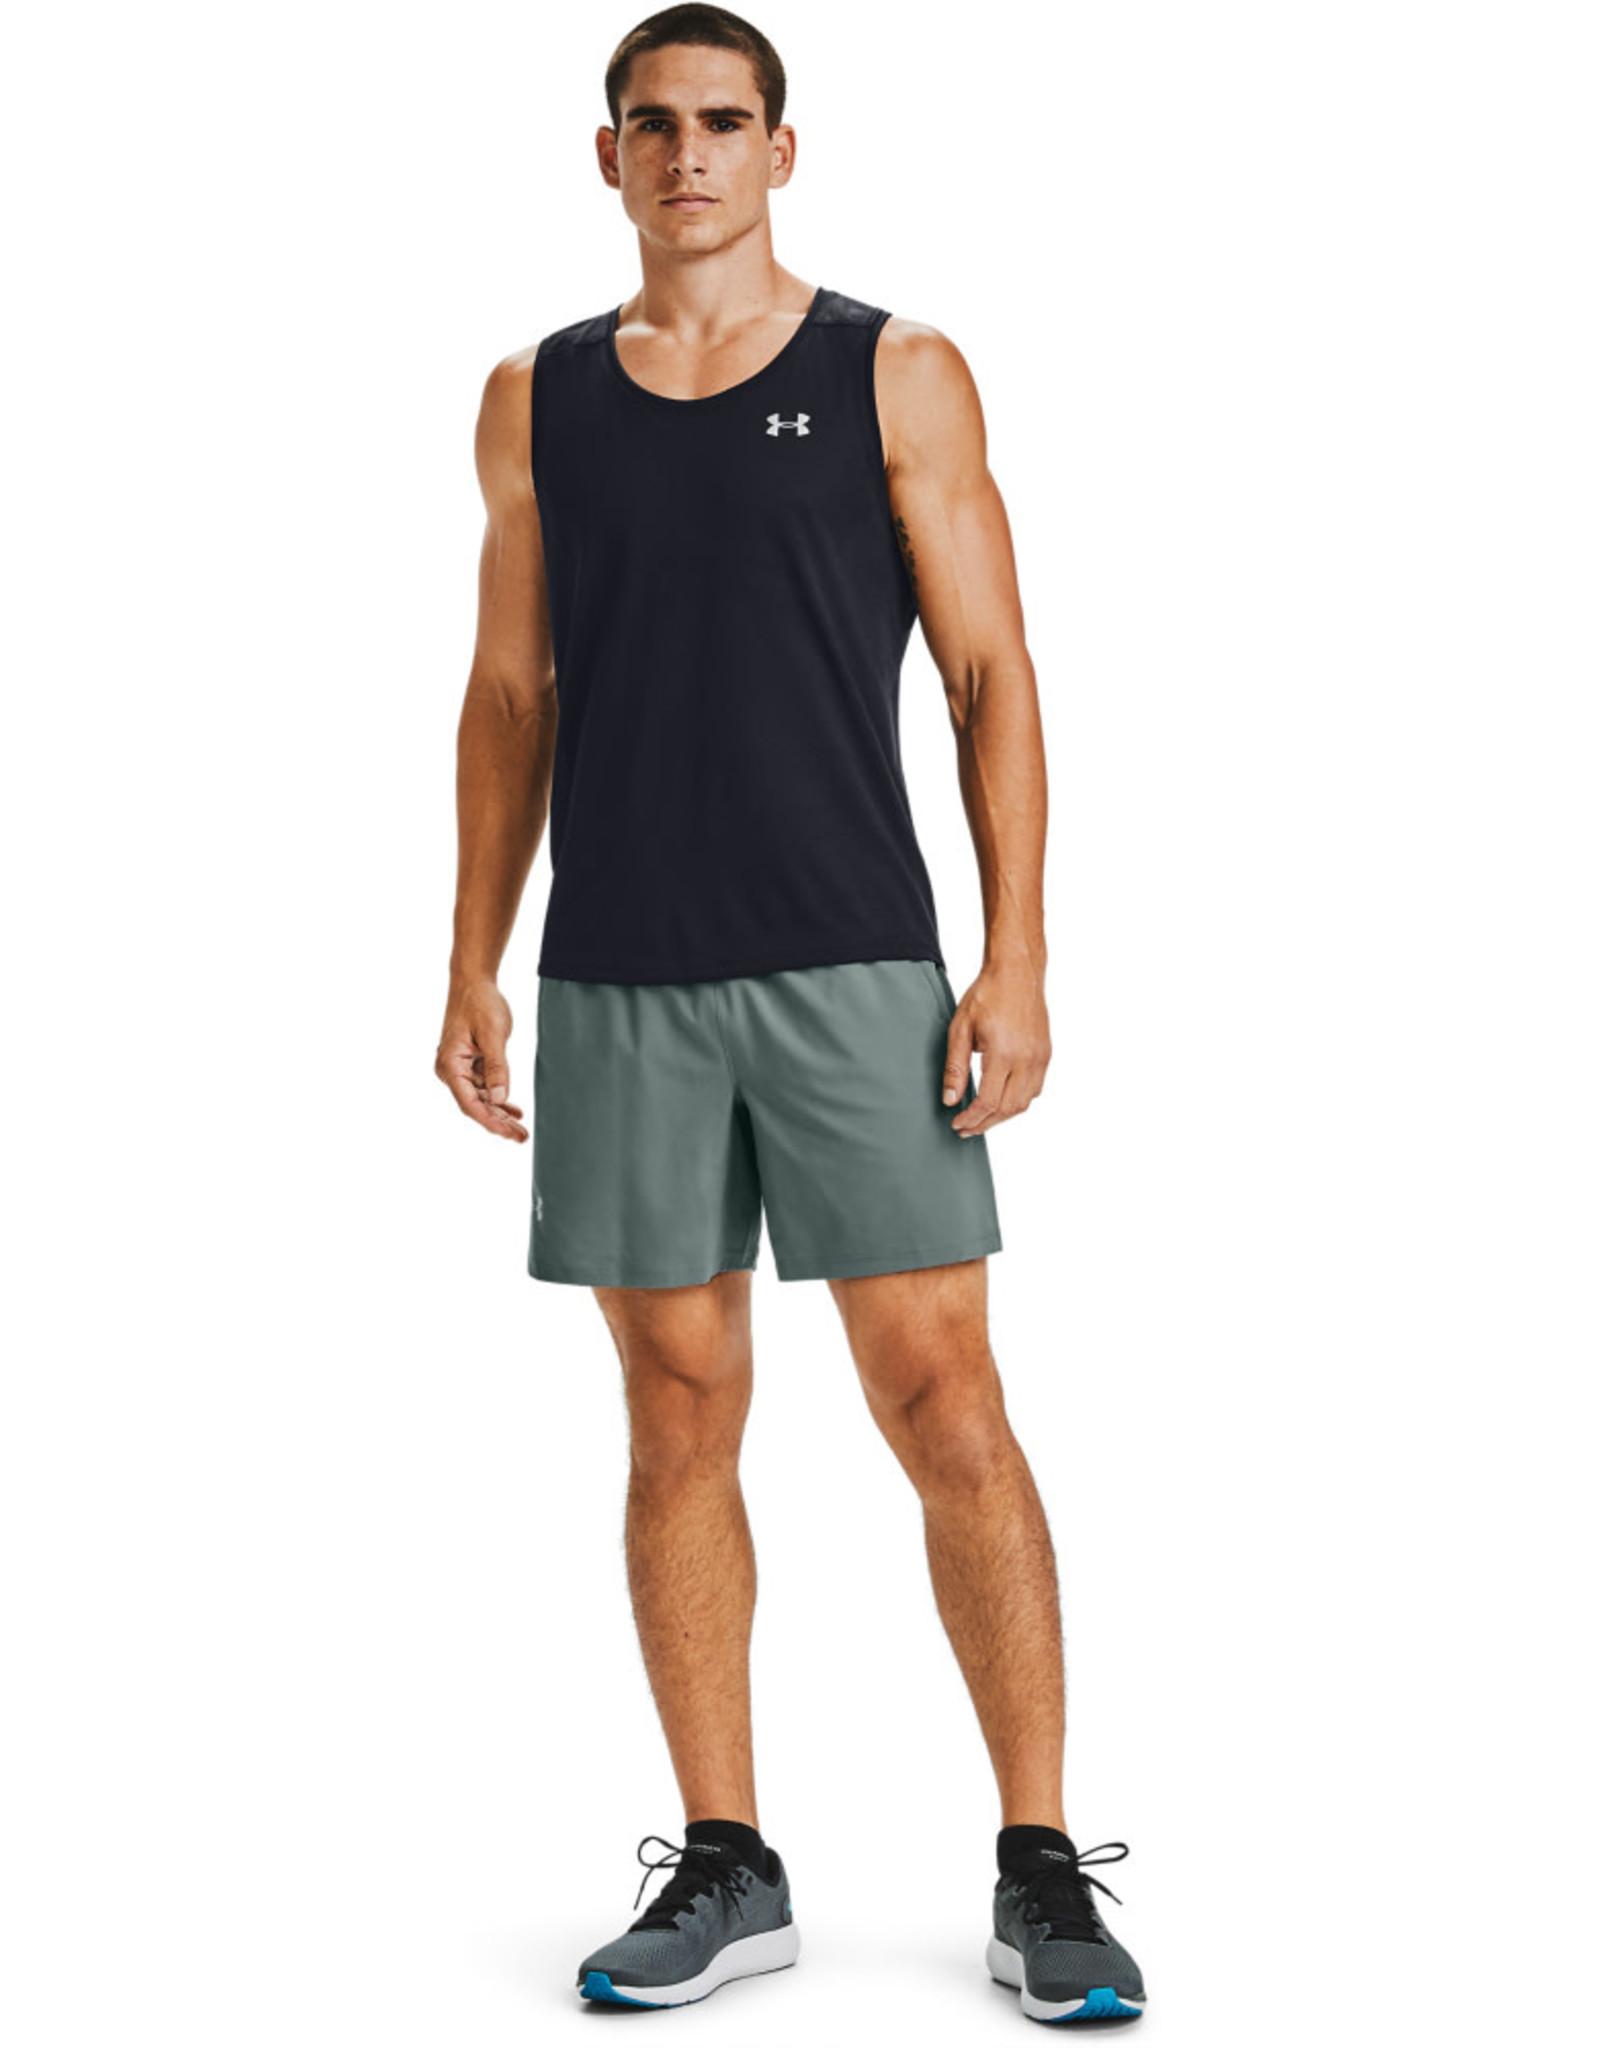 Under Armour Launch 2-in-1 shorts - Lichen Blue - Black